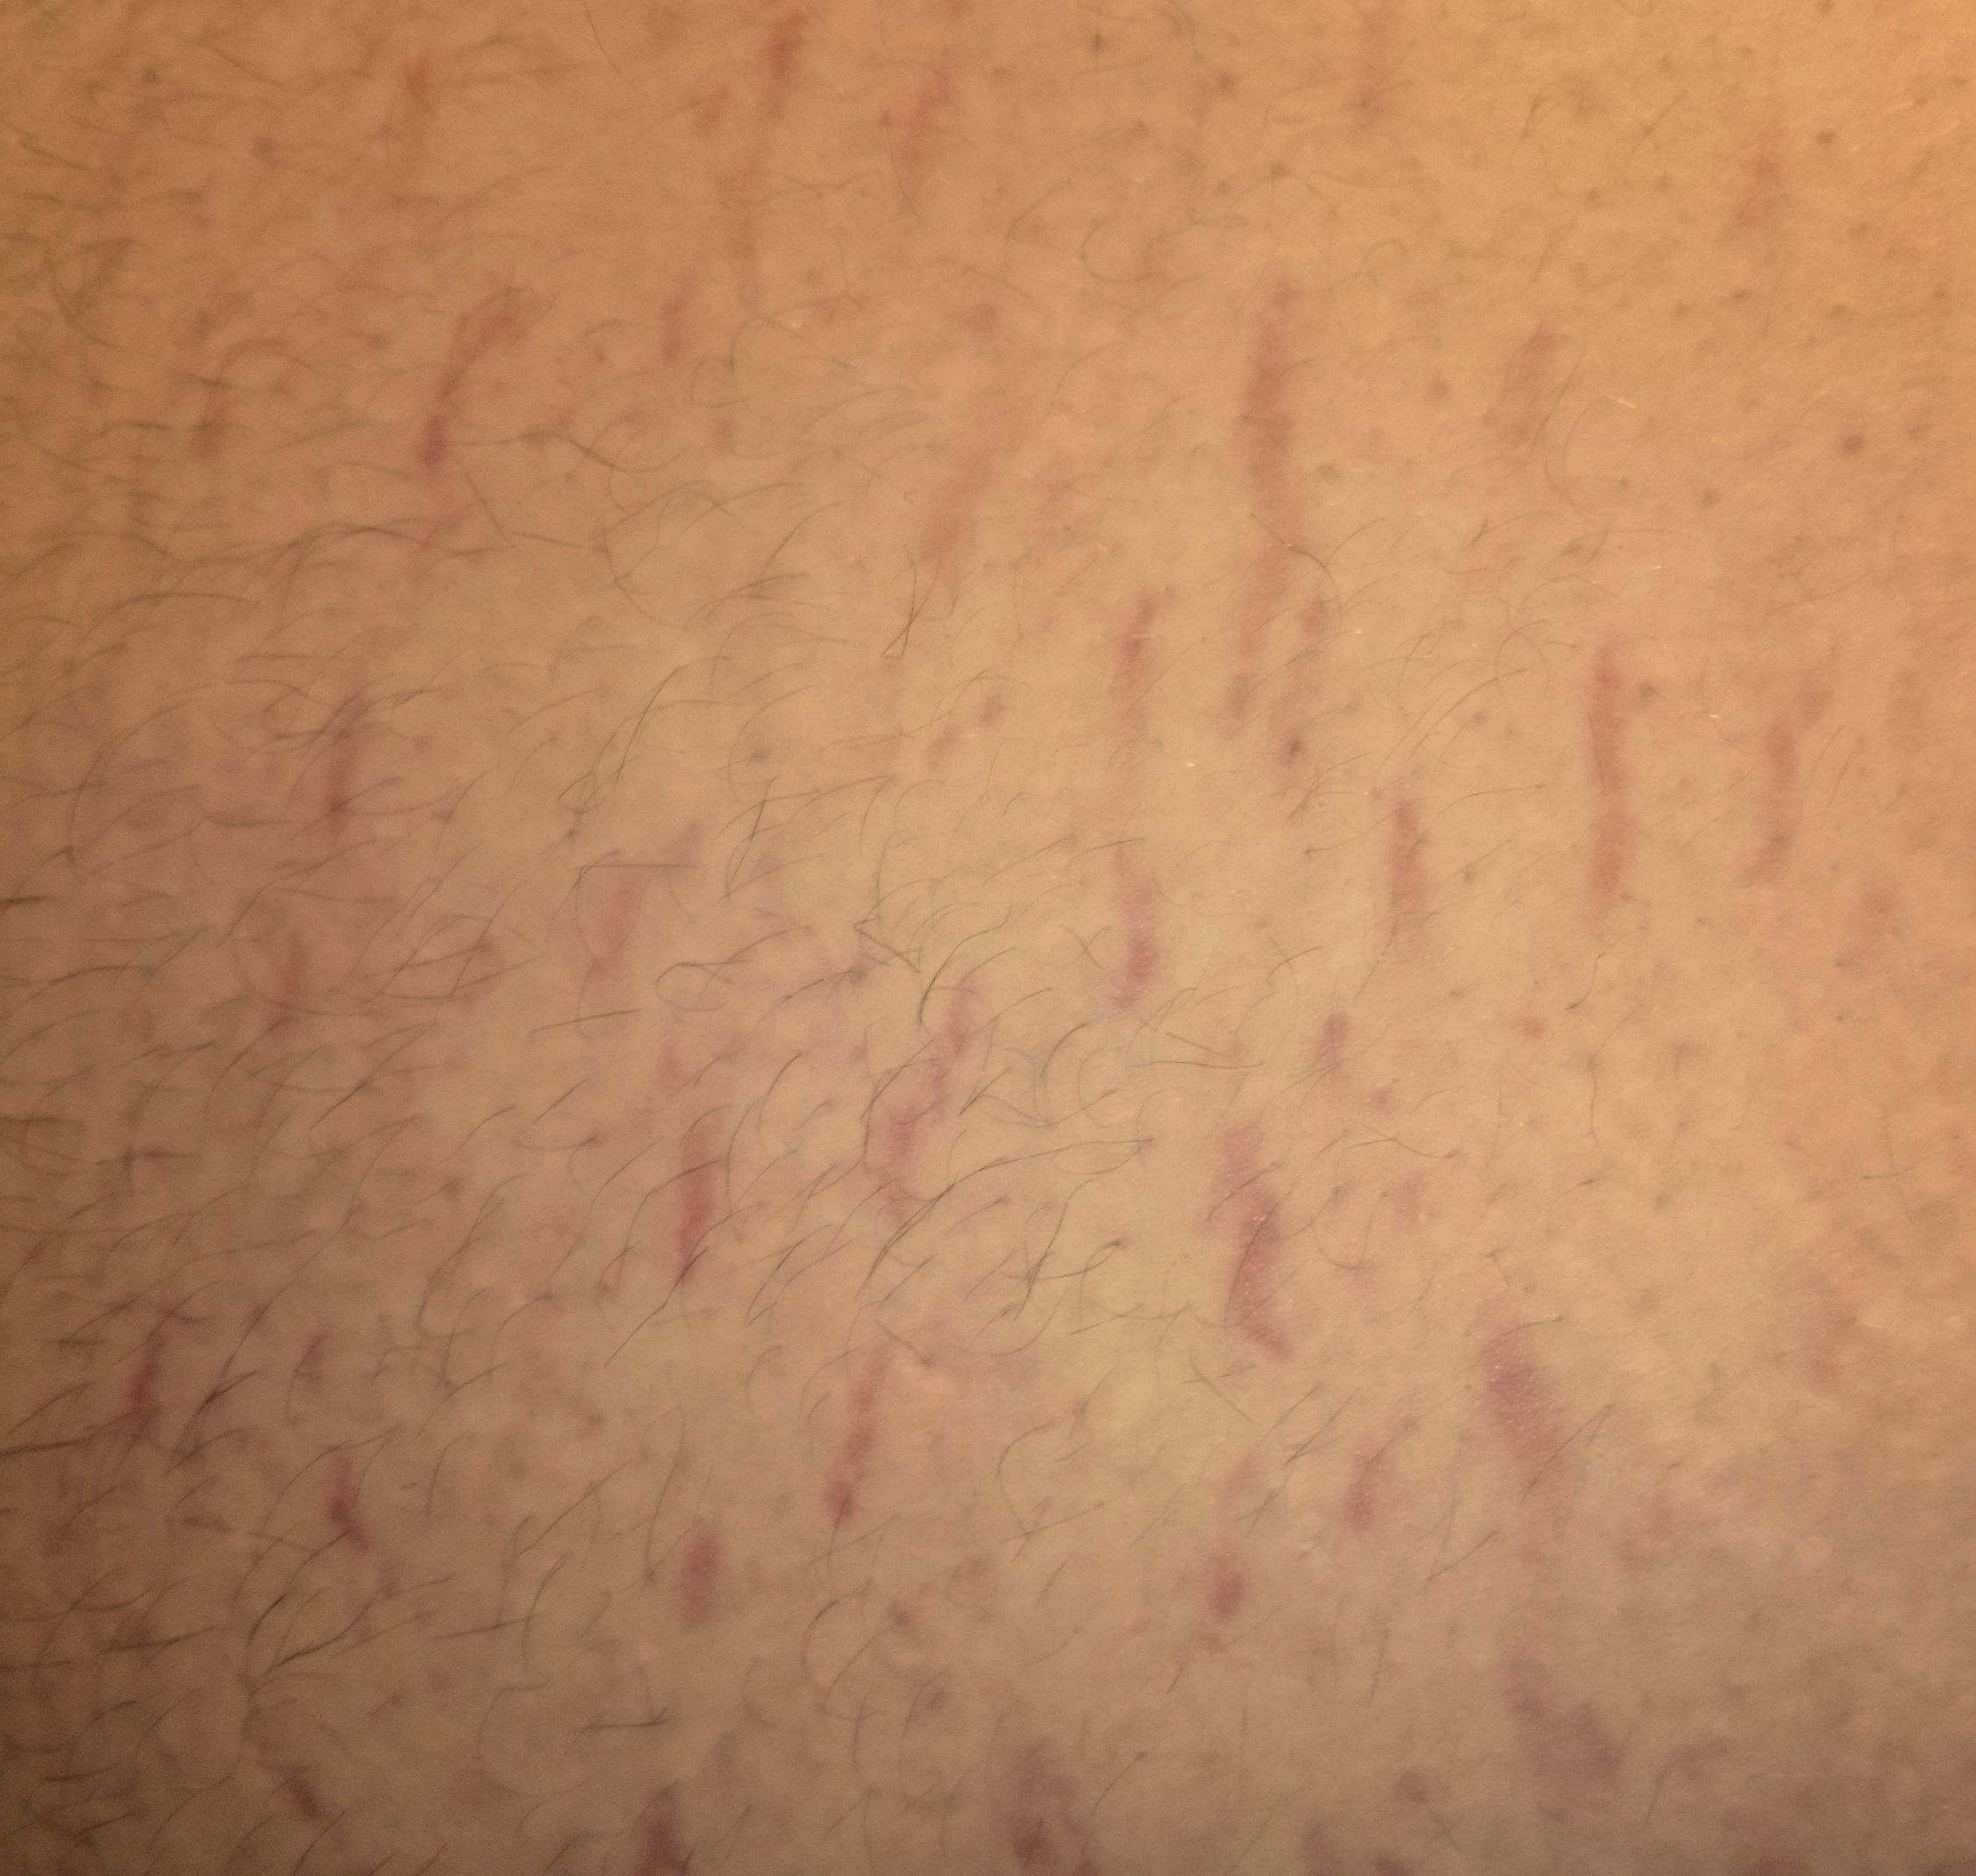 Die Pigmentflecke in der Leiste auf den Beinen